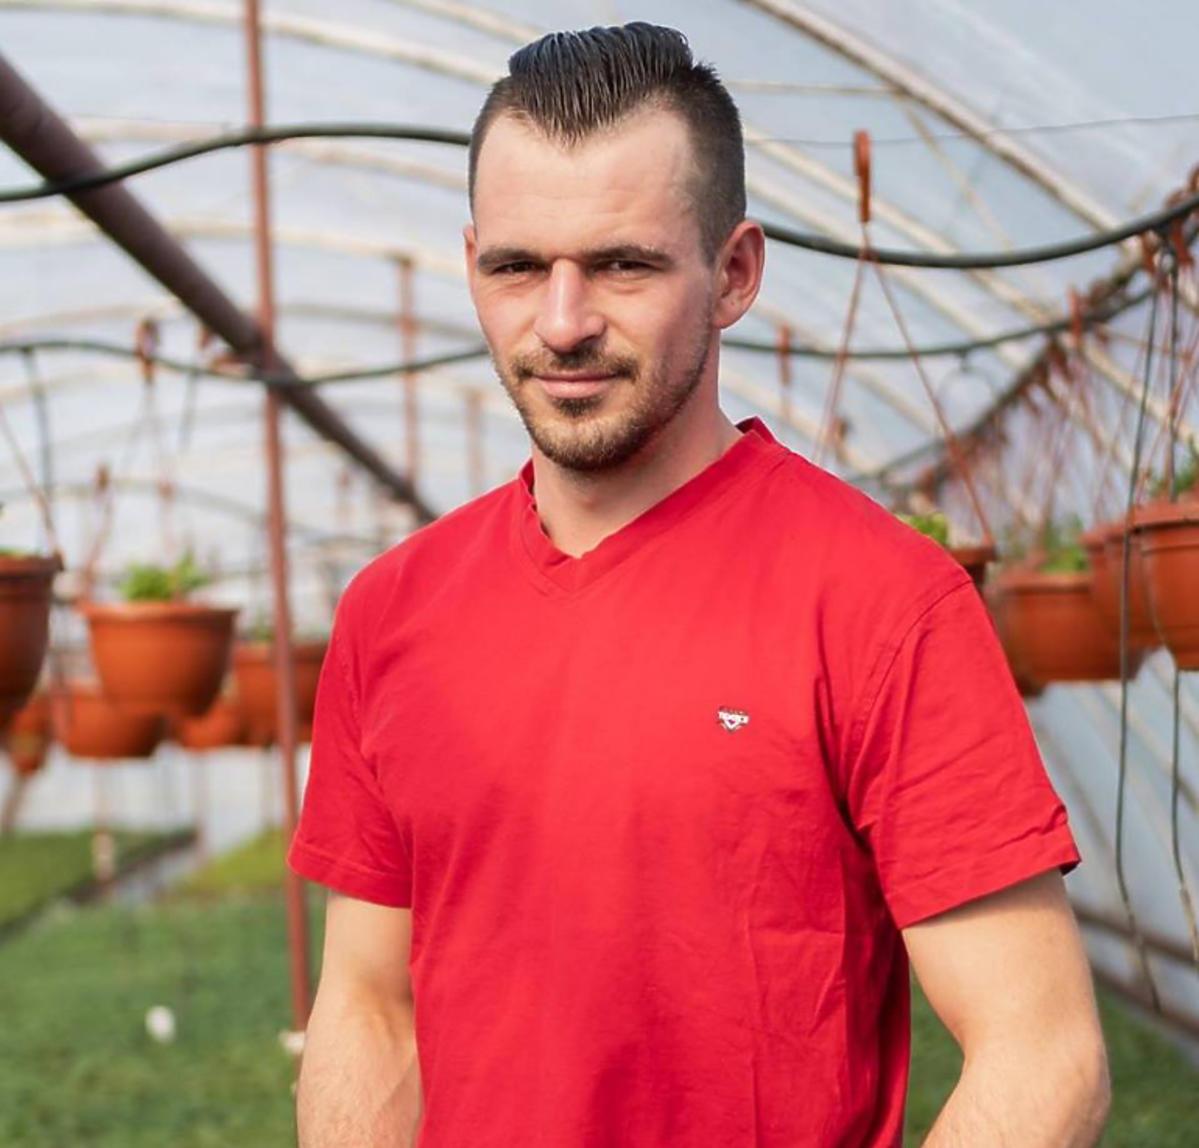 Adrian Rolnik szuka żony 6